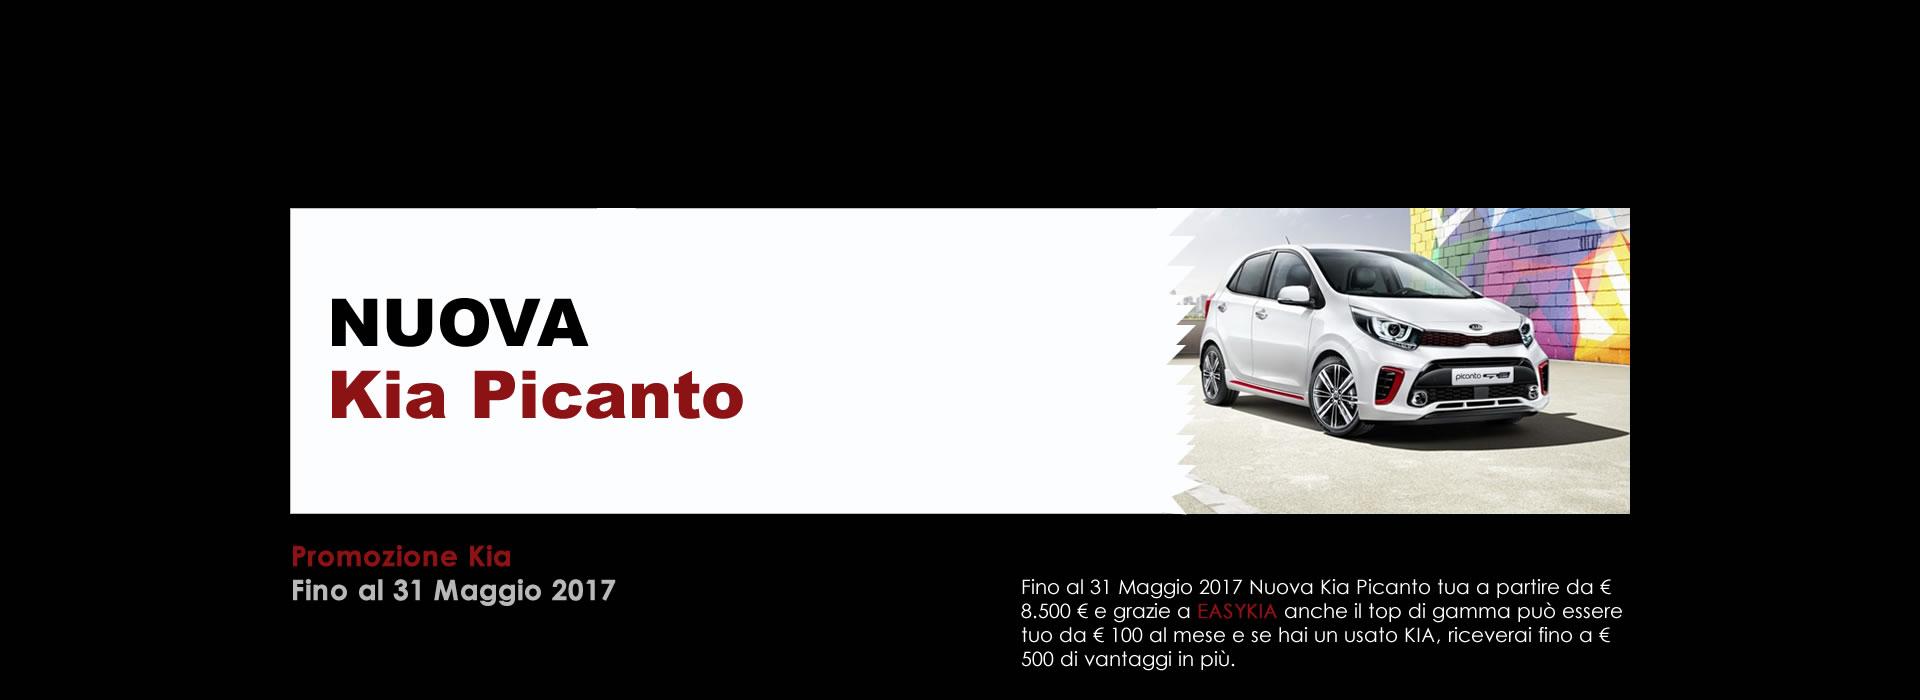 Concessionaria_Tamburini_Auto_Nuova_Kia_Picanto-1